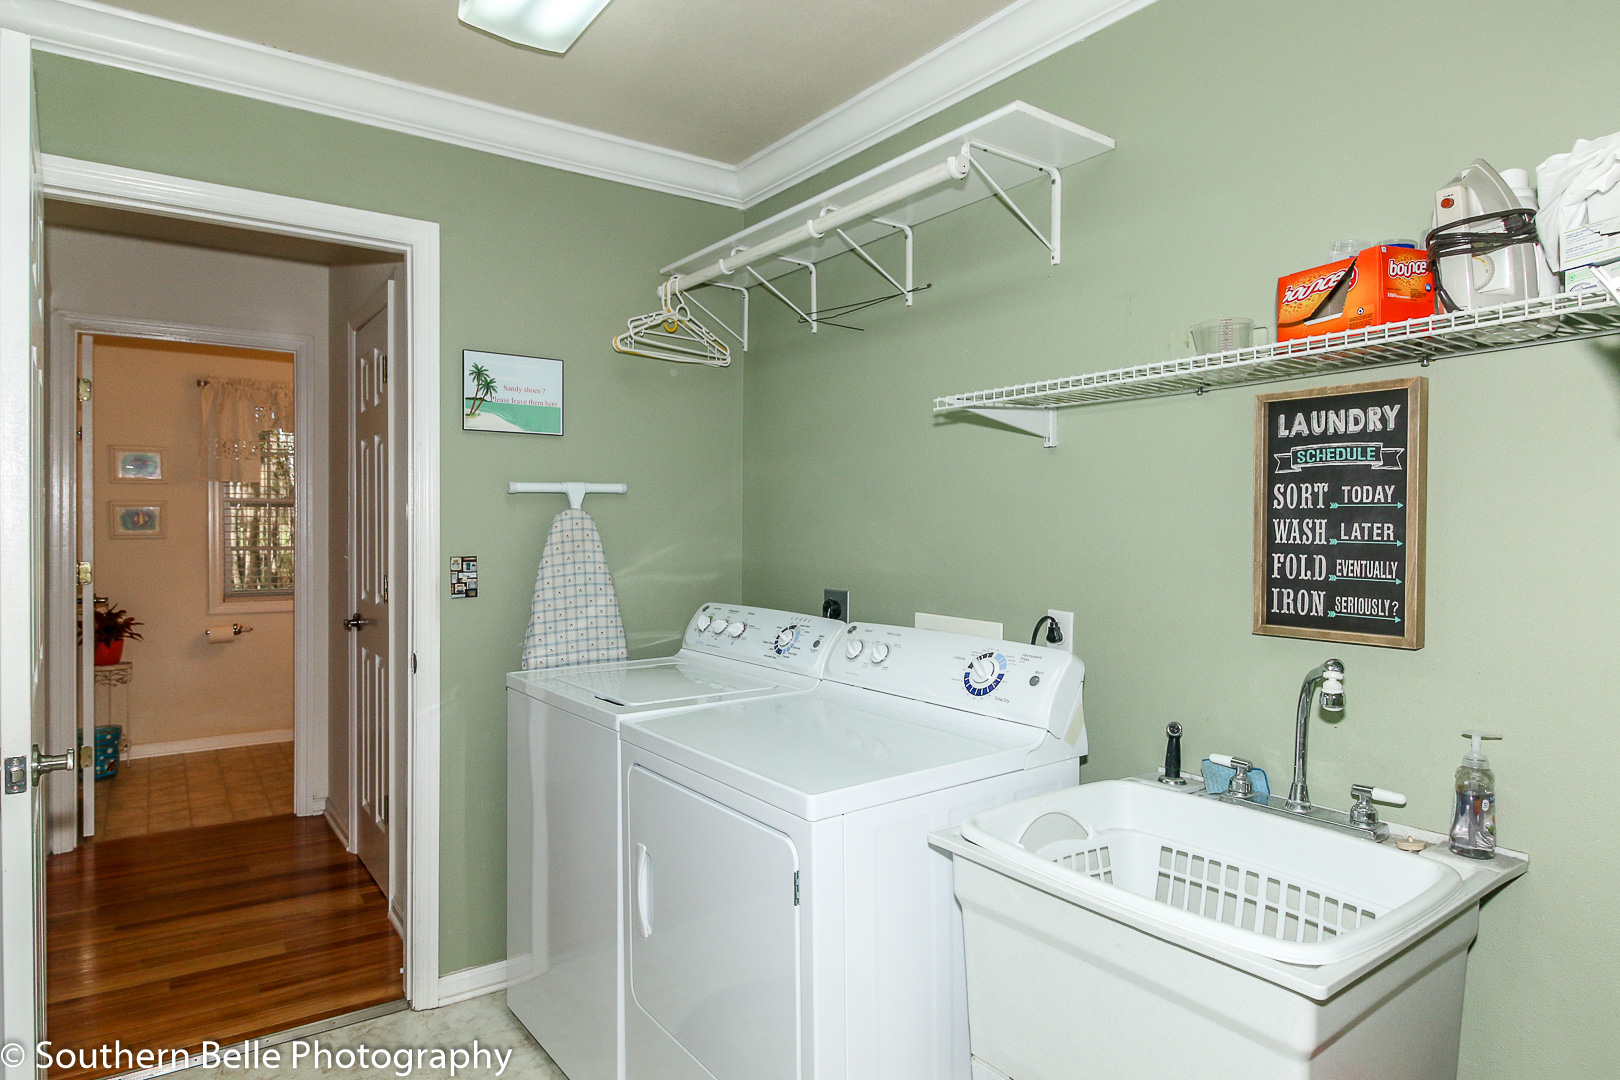 15. Laundry Room WM